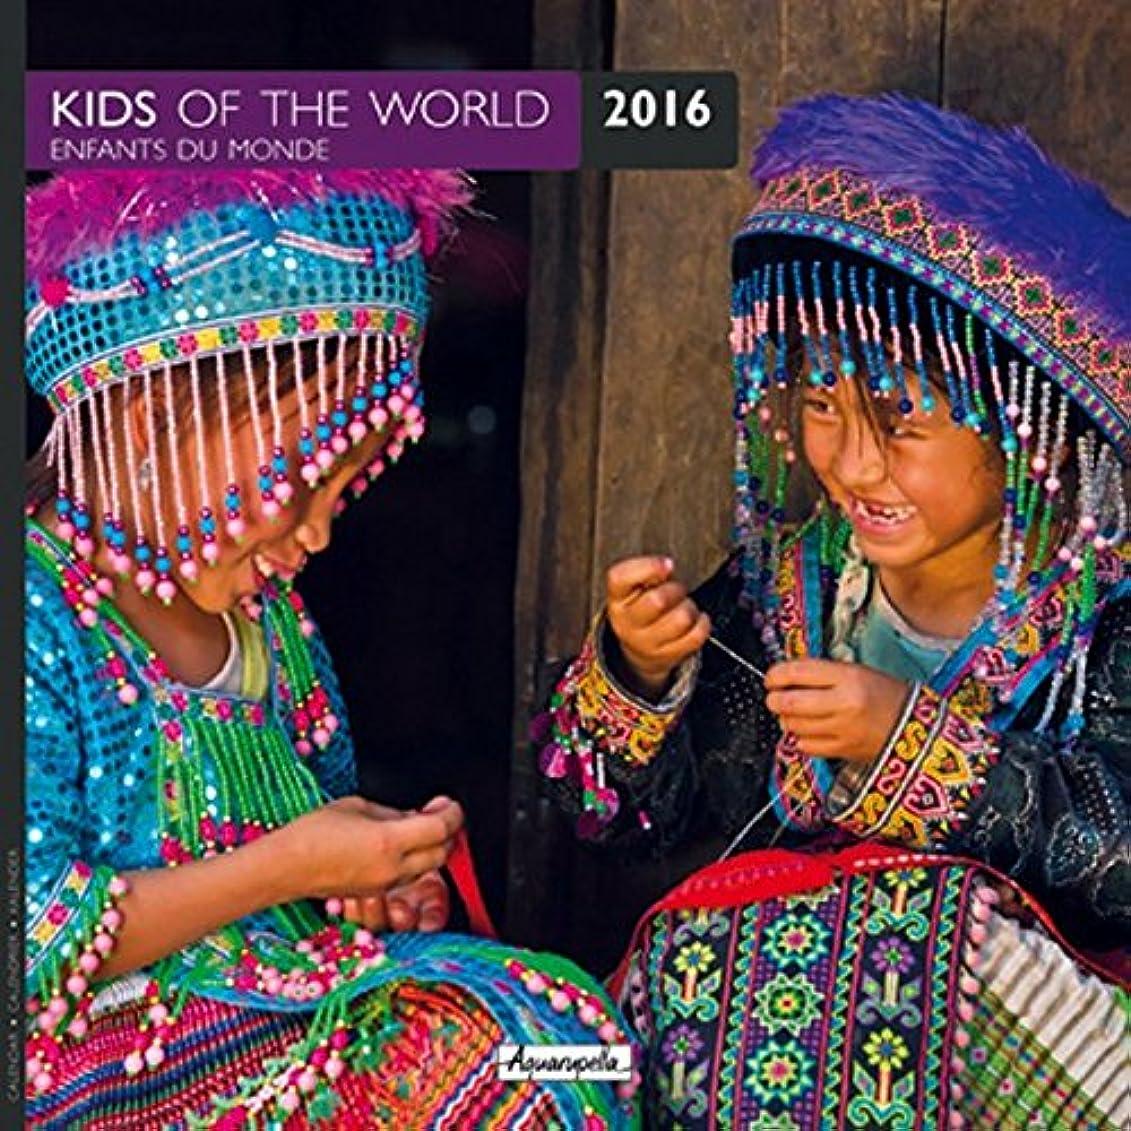 息を切らして明らかにあさりAquarupella 2016 Enfants du monde / Kinder weltweit